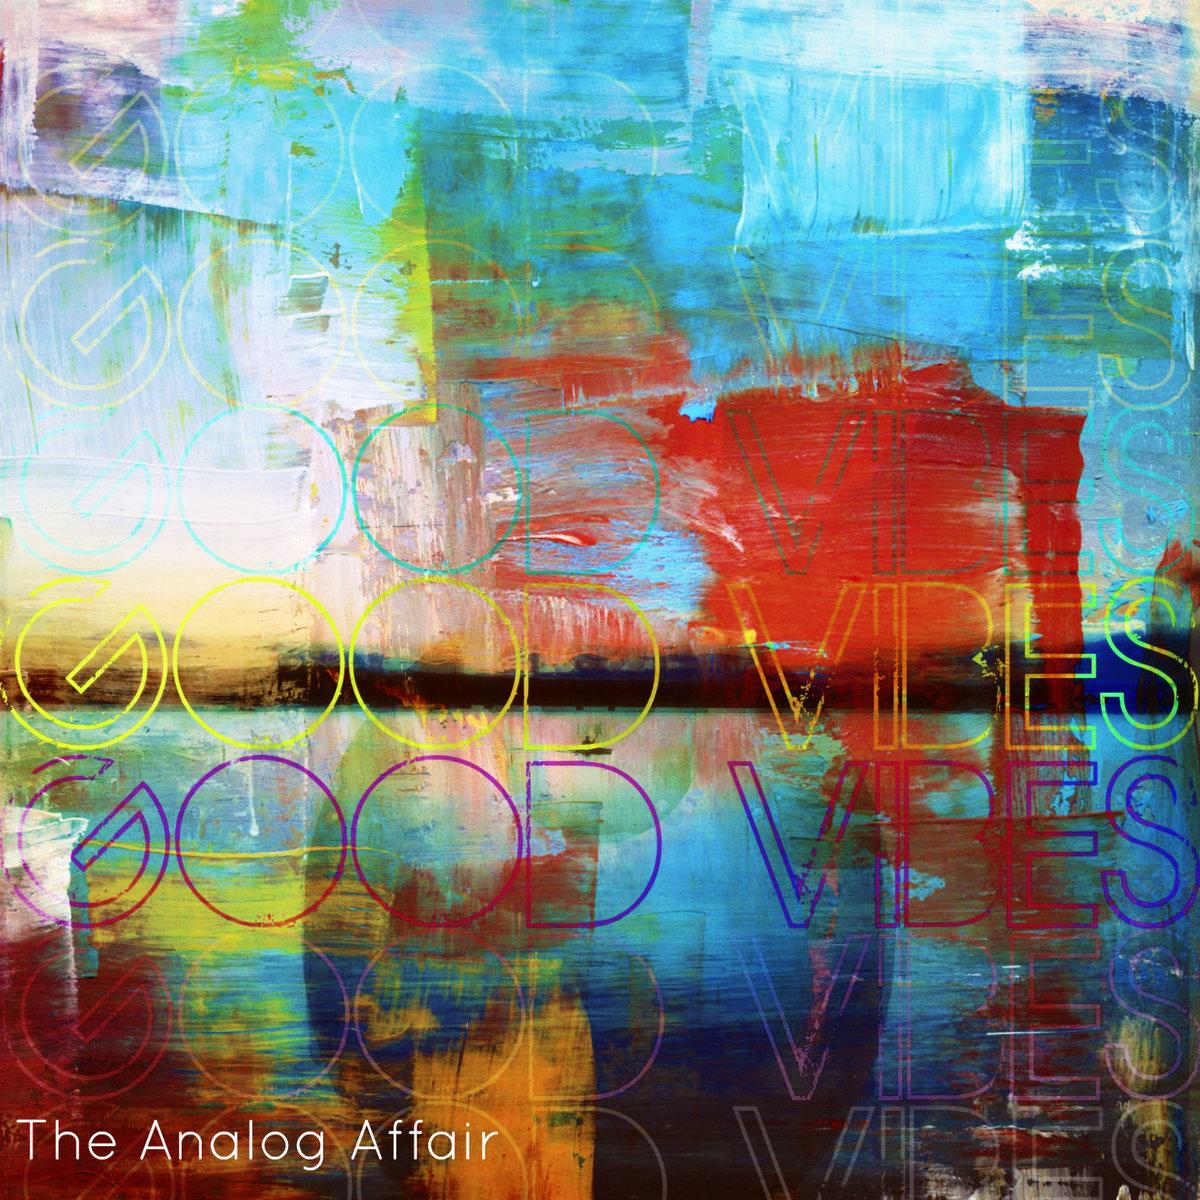 Wild Ep The Analog Affair